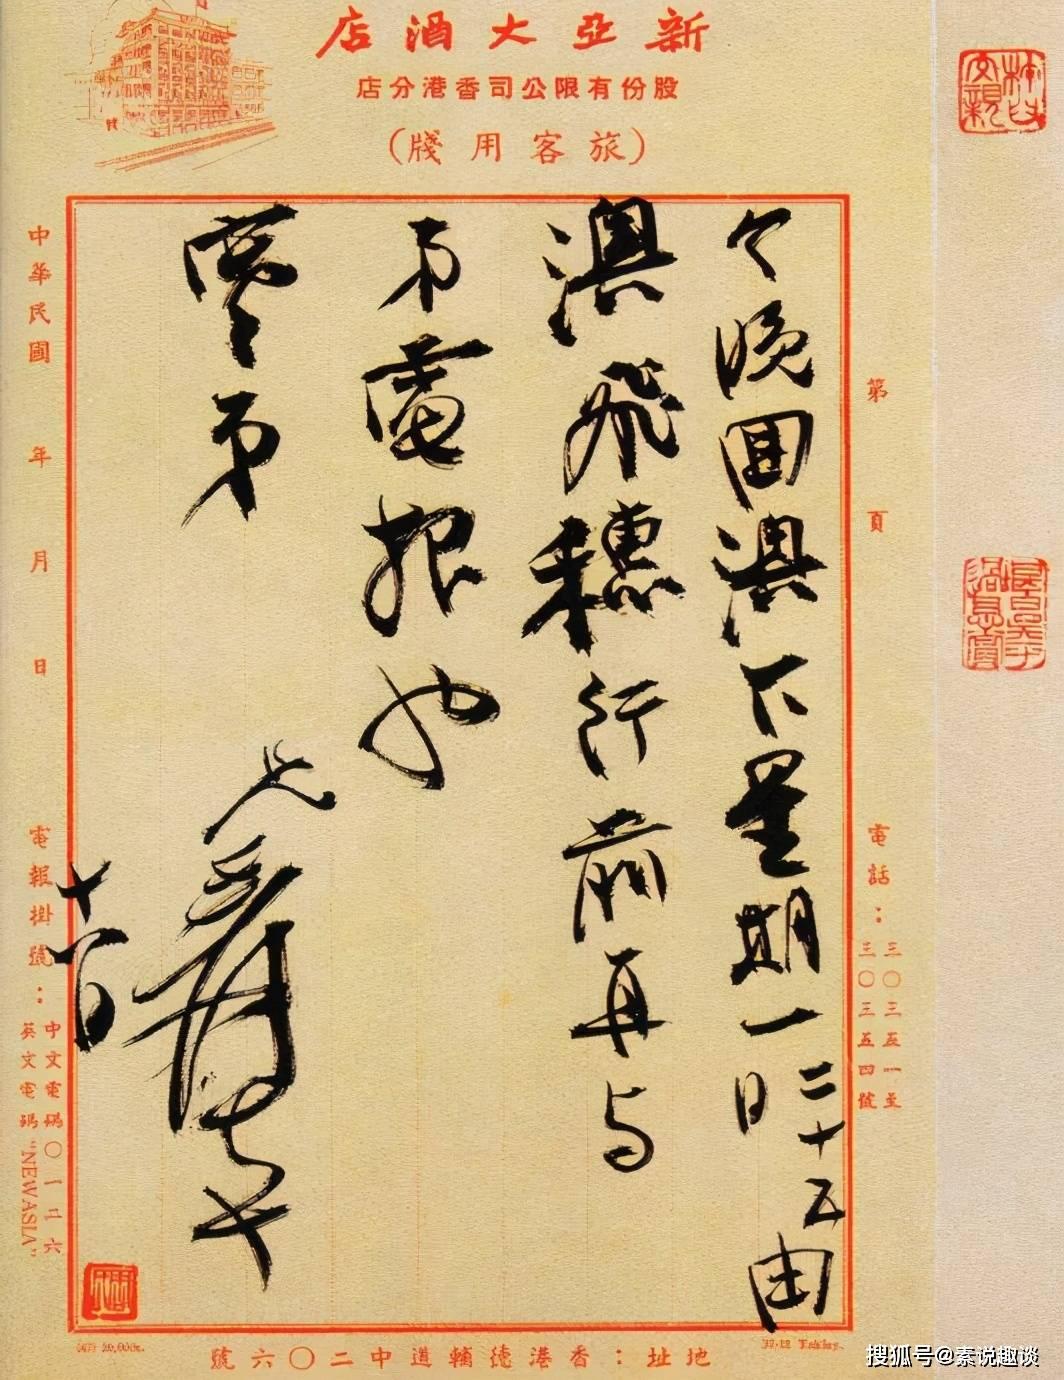 张大千书法作品欣赏:草书堪比黄庭坚,大千体风格难以模仿